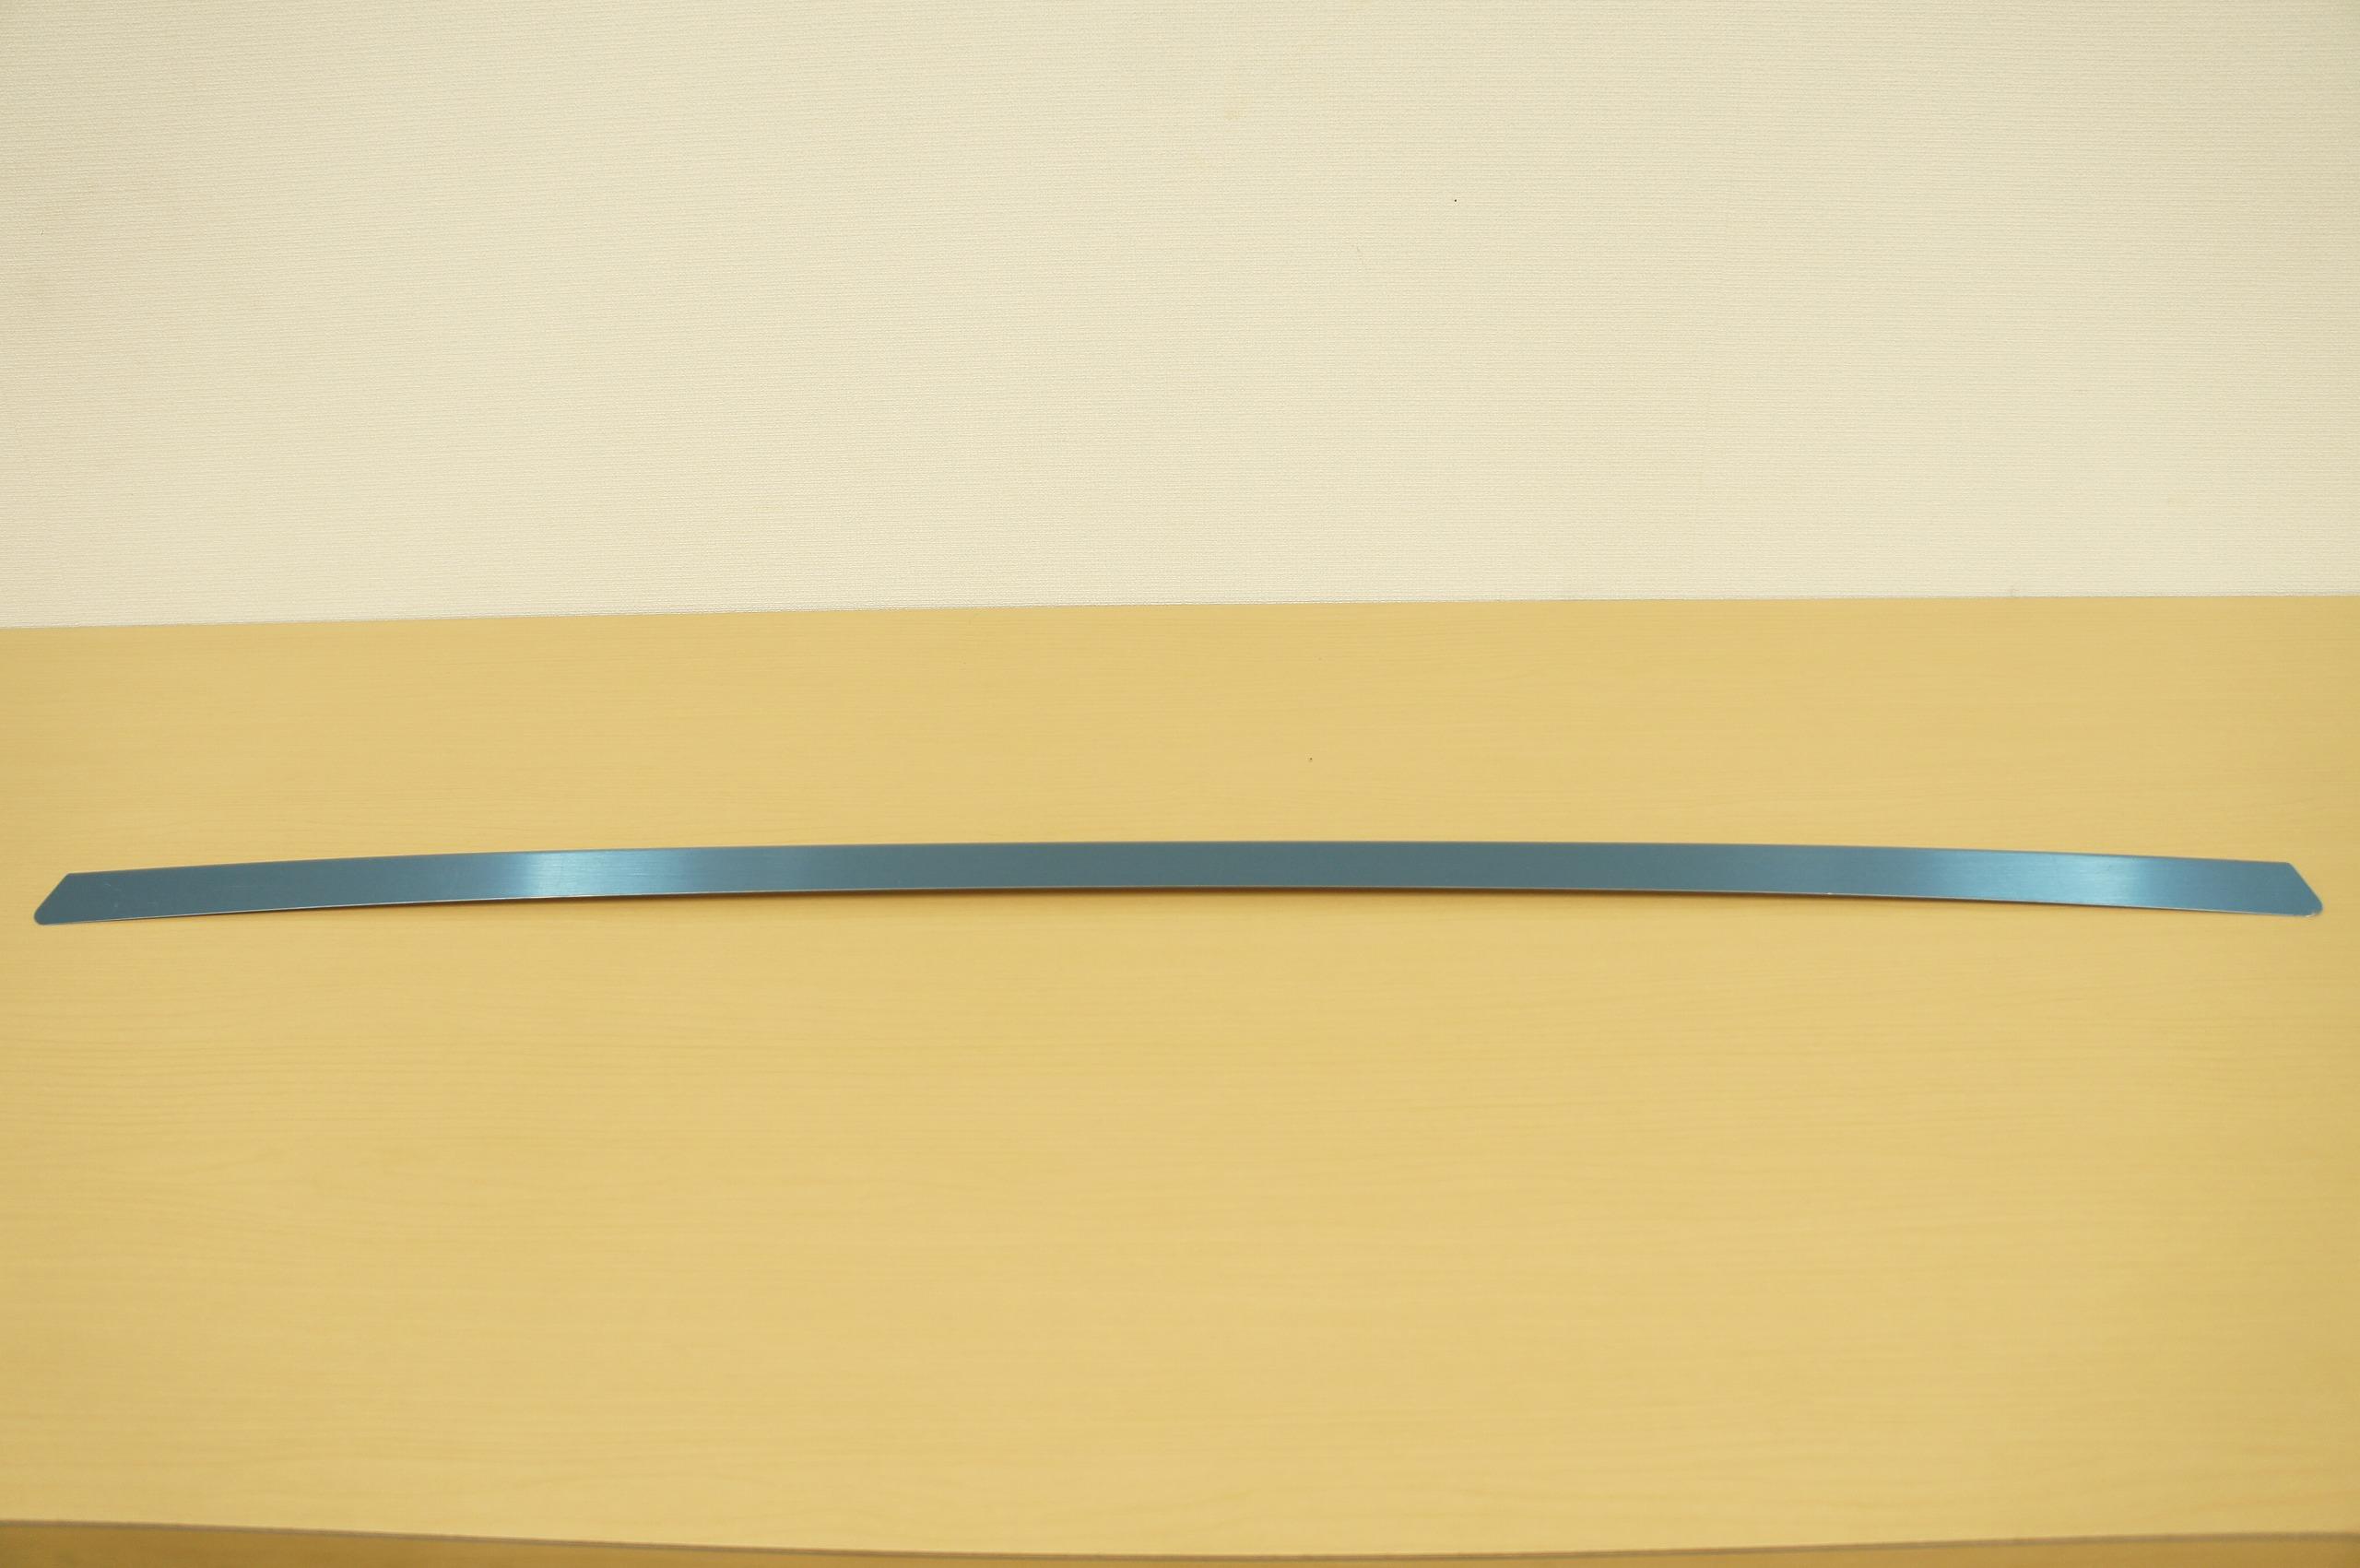 バンパーステップガード|バンパーステップガード|プレス加工と金型の設計・製作でチャレンジを続ける会社|株式会社フクヤマ